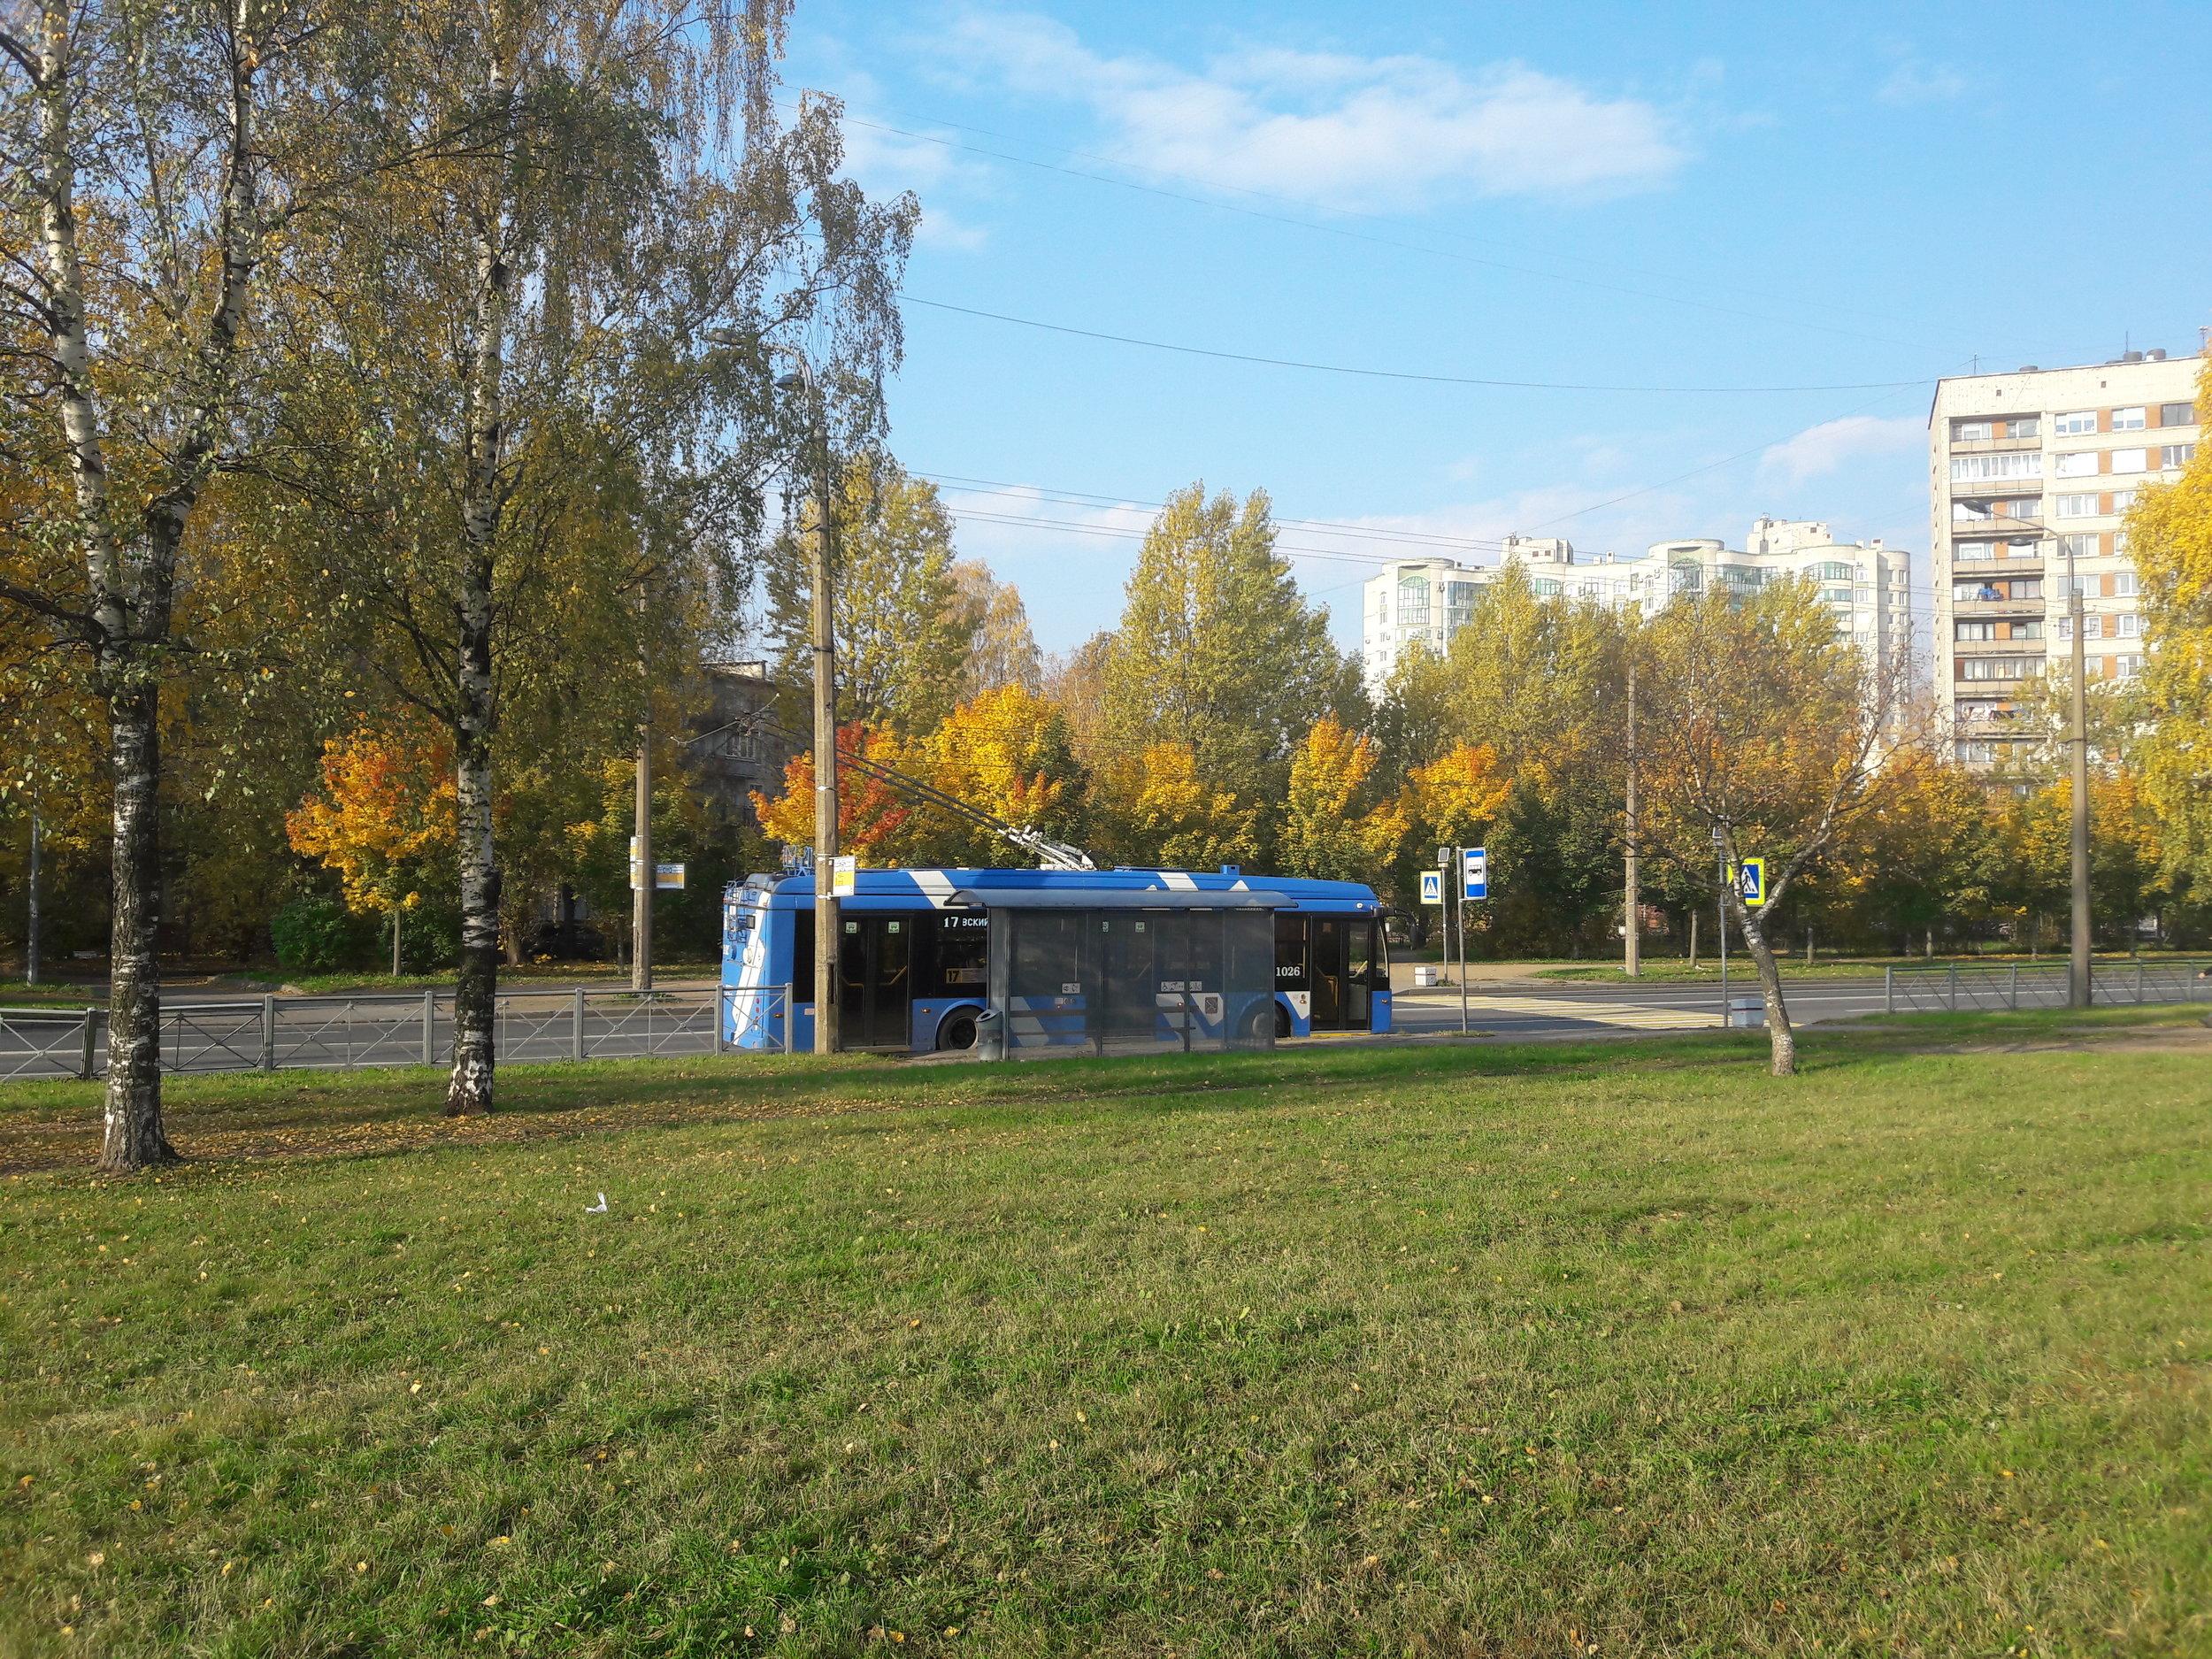 Ulice Varšavskaja, opět linka č. 17, tentokrát úplně na jihu města.